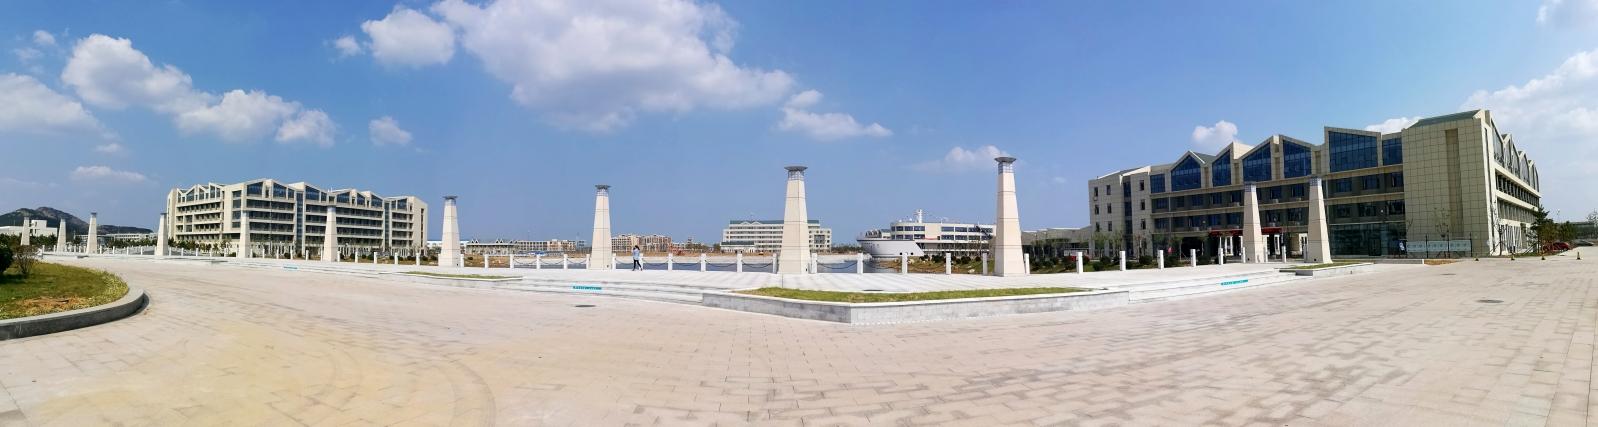 山东交通学院威海新校区正式启用图片